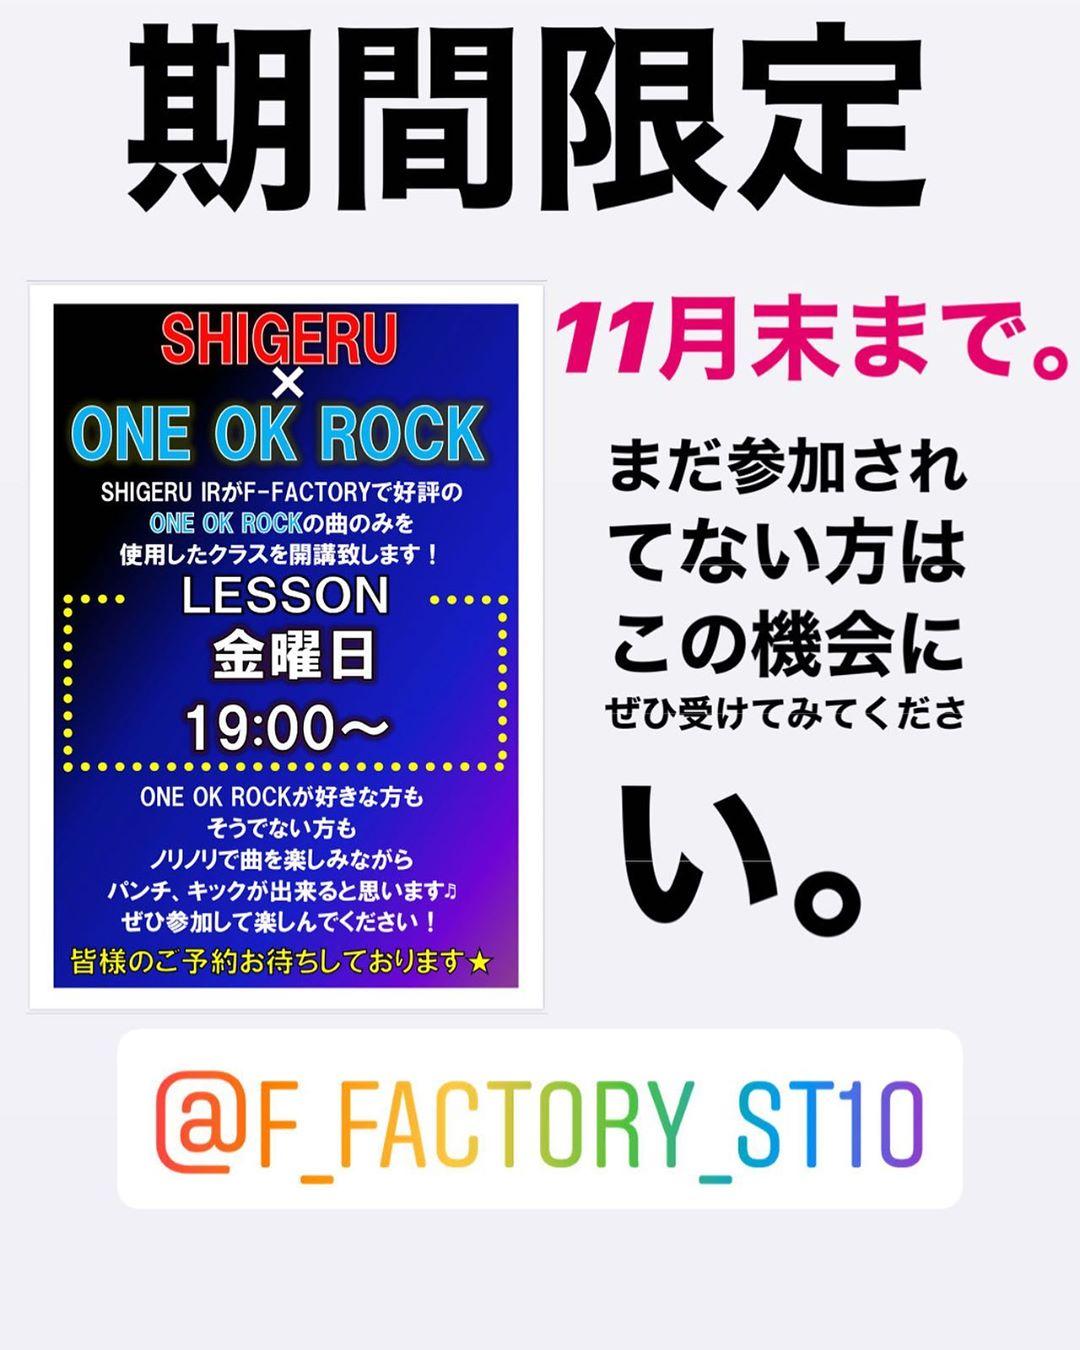 11月末まで。  って  あとちょっとじゃないですか 皆さんお早めに。  @公式ホームページ http://f-factorycorp.jp/